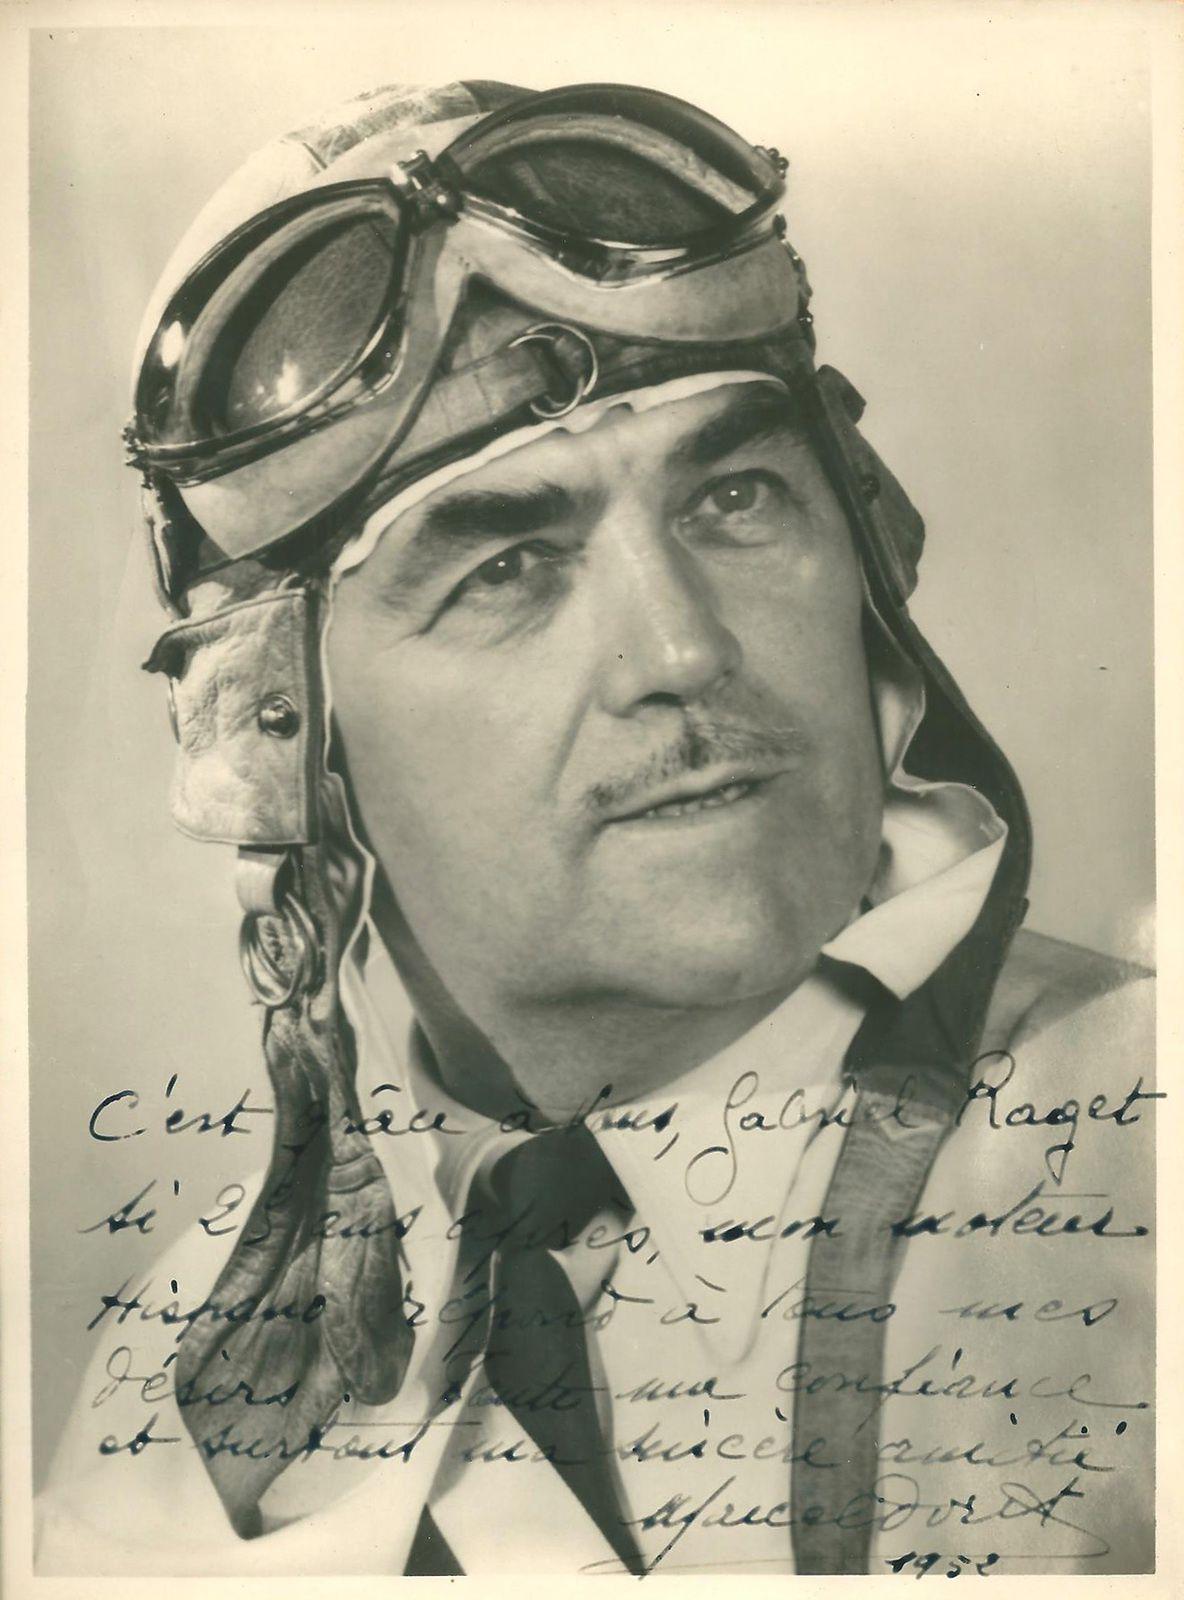 """""""Manuscrit inédit de Marcel Doret de 1952 trois ans avant sa disparition sur photo dédicacée : « c'est grâce à vous, Gabriel RAGET, si 25 ans après mon moteur Hispano Suiza répond à tous mes désirs et toute ma confiance et surtout ma sincère amitié. Marcel Doret 1952 ». Jusqu'en 1954 un an avant sa disparition Marcel Doret continuait la voltige sur des avions équipés de moteurs Hispano-Suiza dont le banc d'essai à Bois Colombes était dirigé par Gabriel Raget.''"""